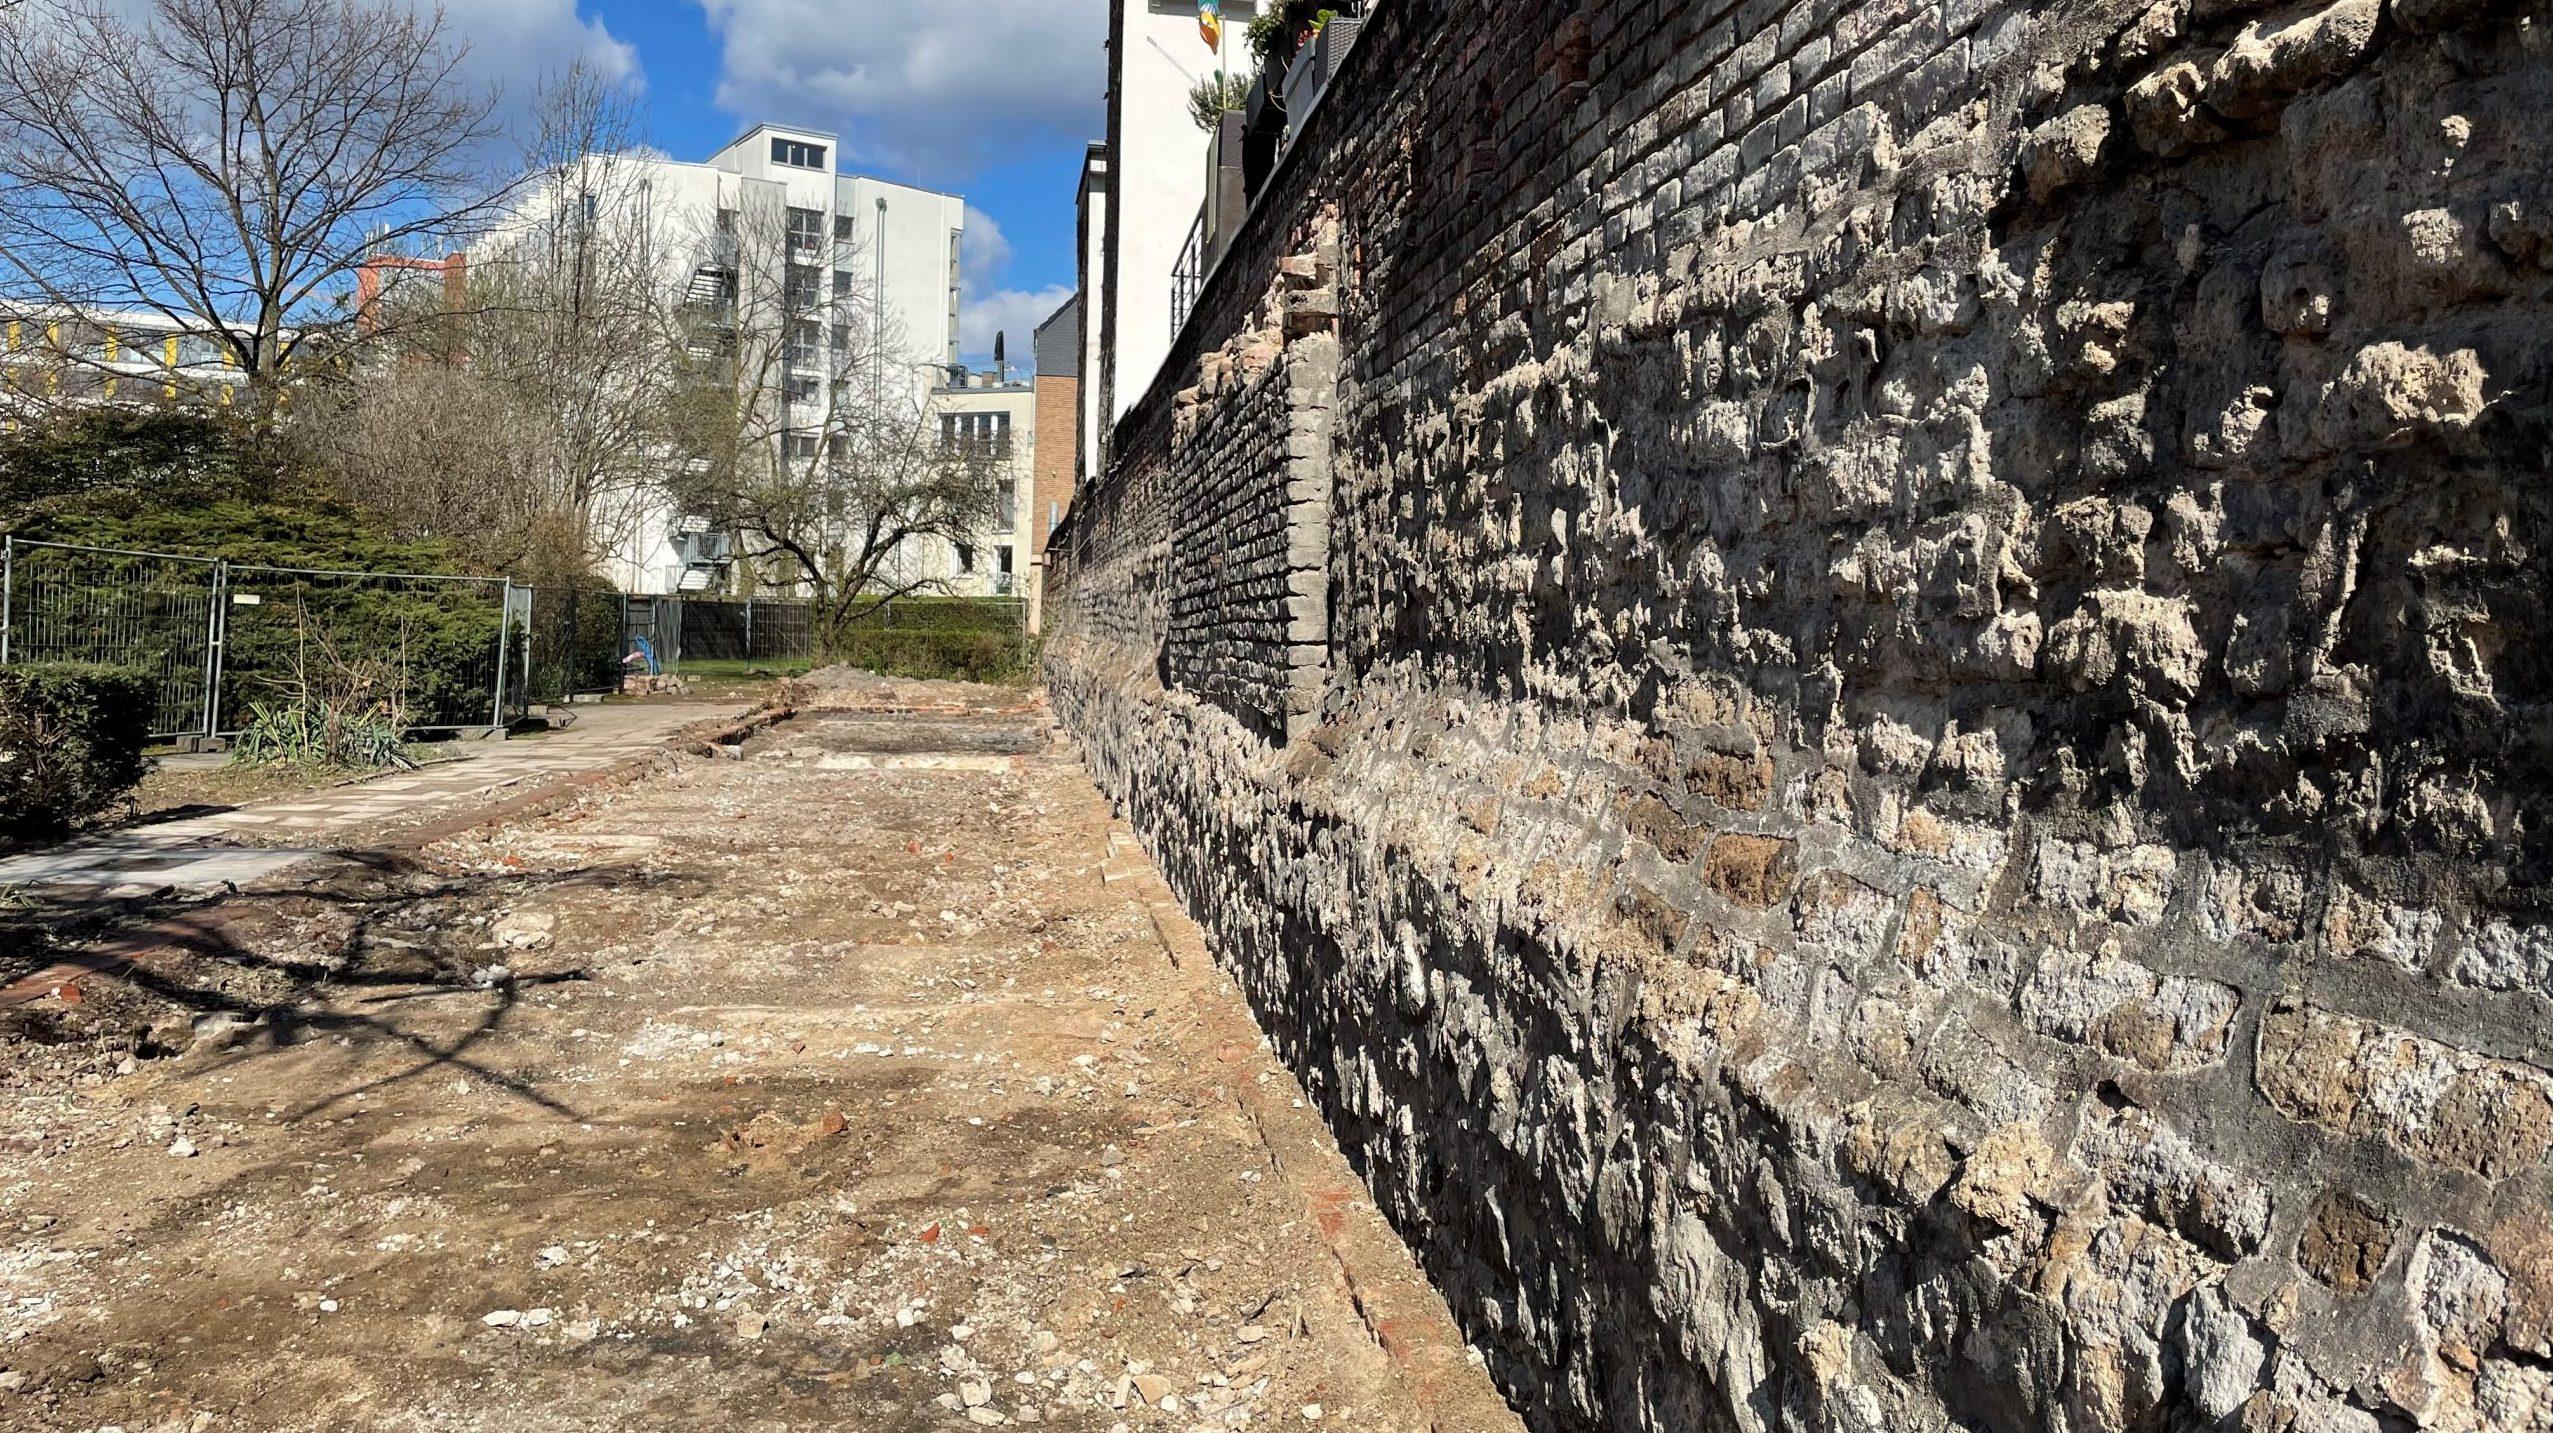 Klostermauer aus dem 14. Jahrhundert am Kartäuserwall freigelegt